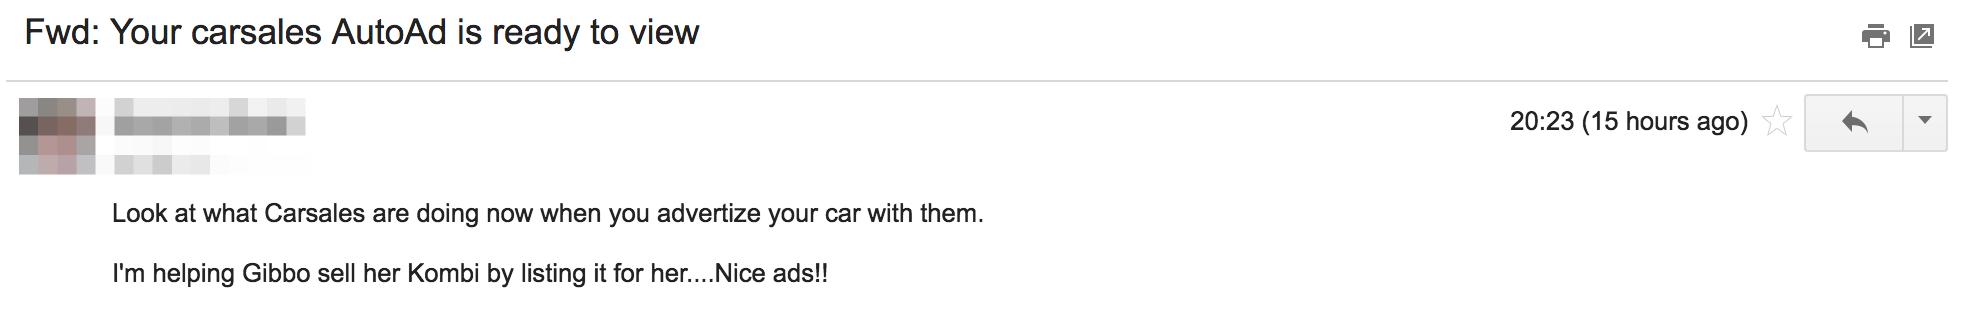 Screenshot showing an email